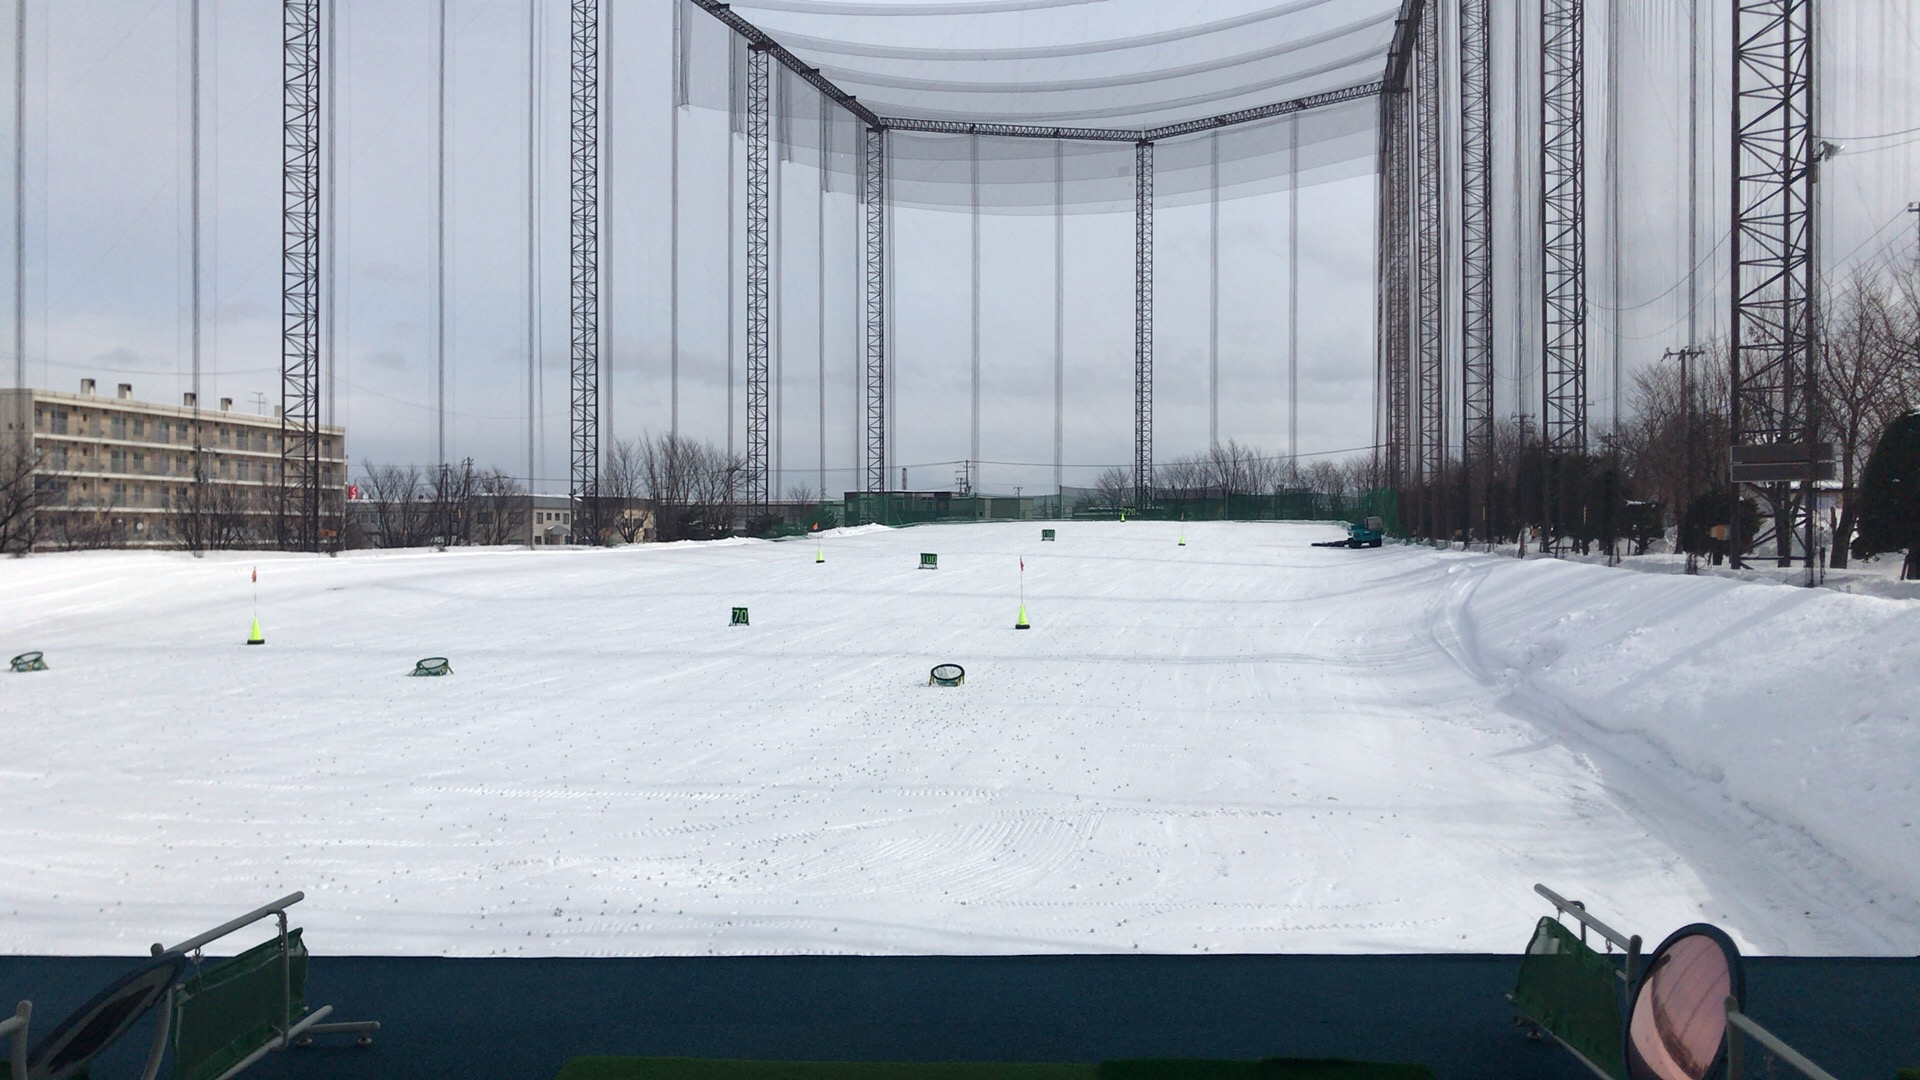 ヒューマンゴルフガーデンで練習会、というか試打会